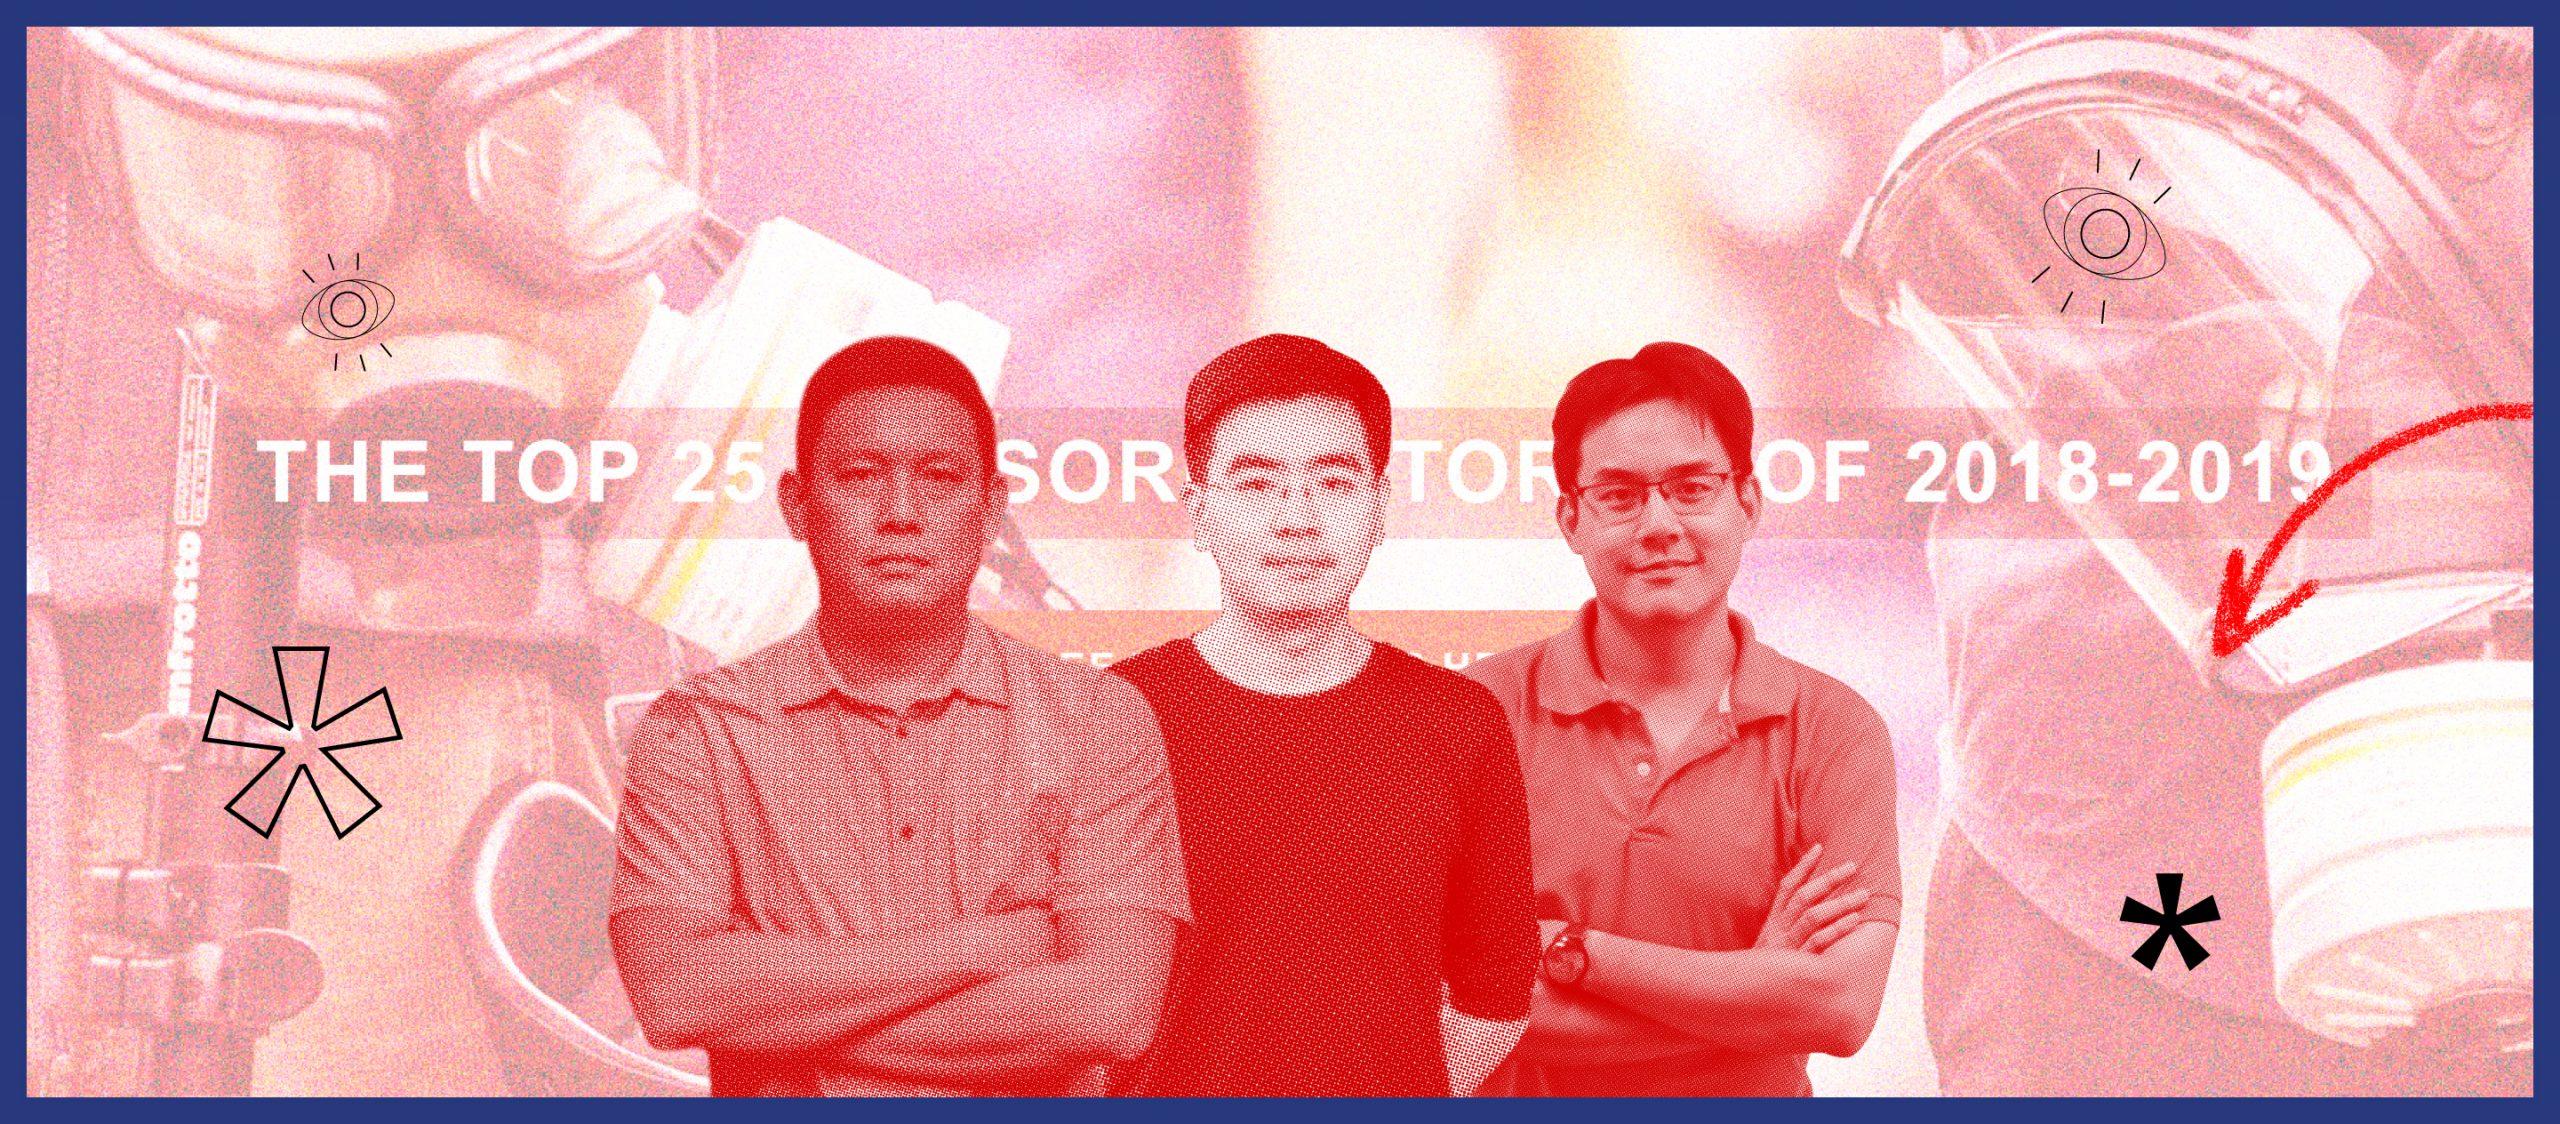 ข่าวที่ไม่เป็นข่าว รายงานโดย 3 นักข่าวเฉพาะกิจ Project Censored Thailand